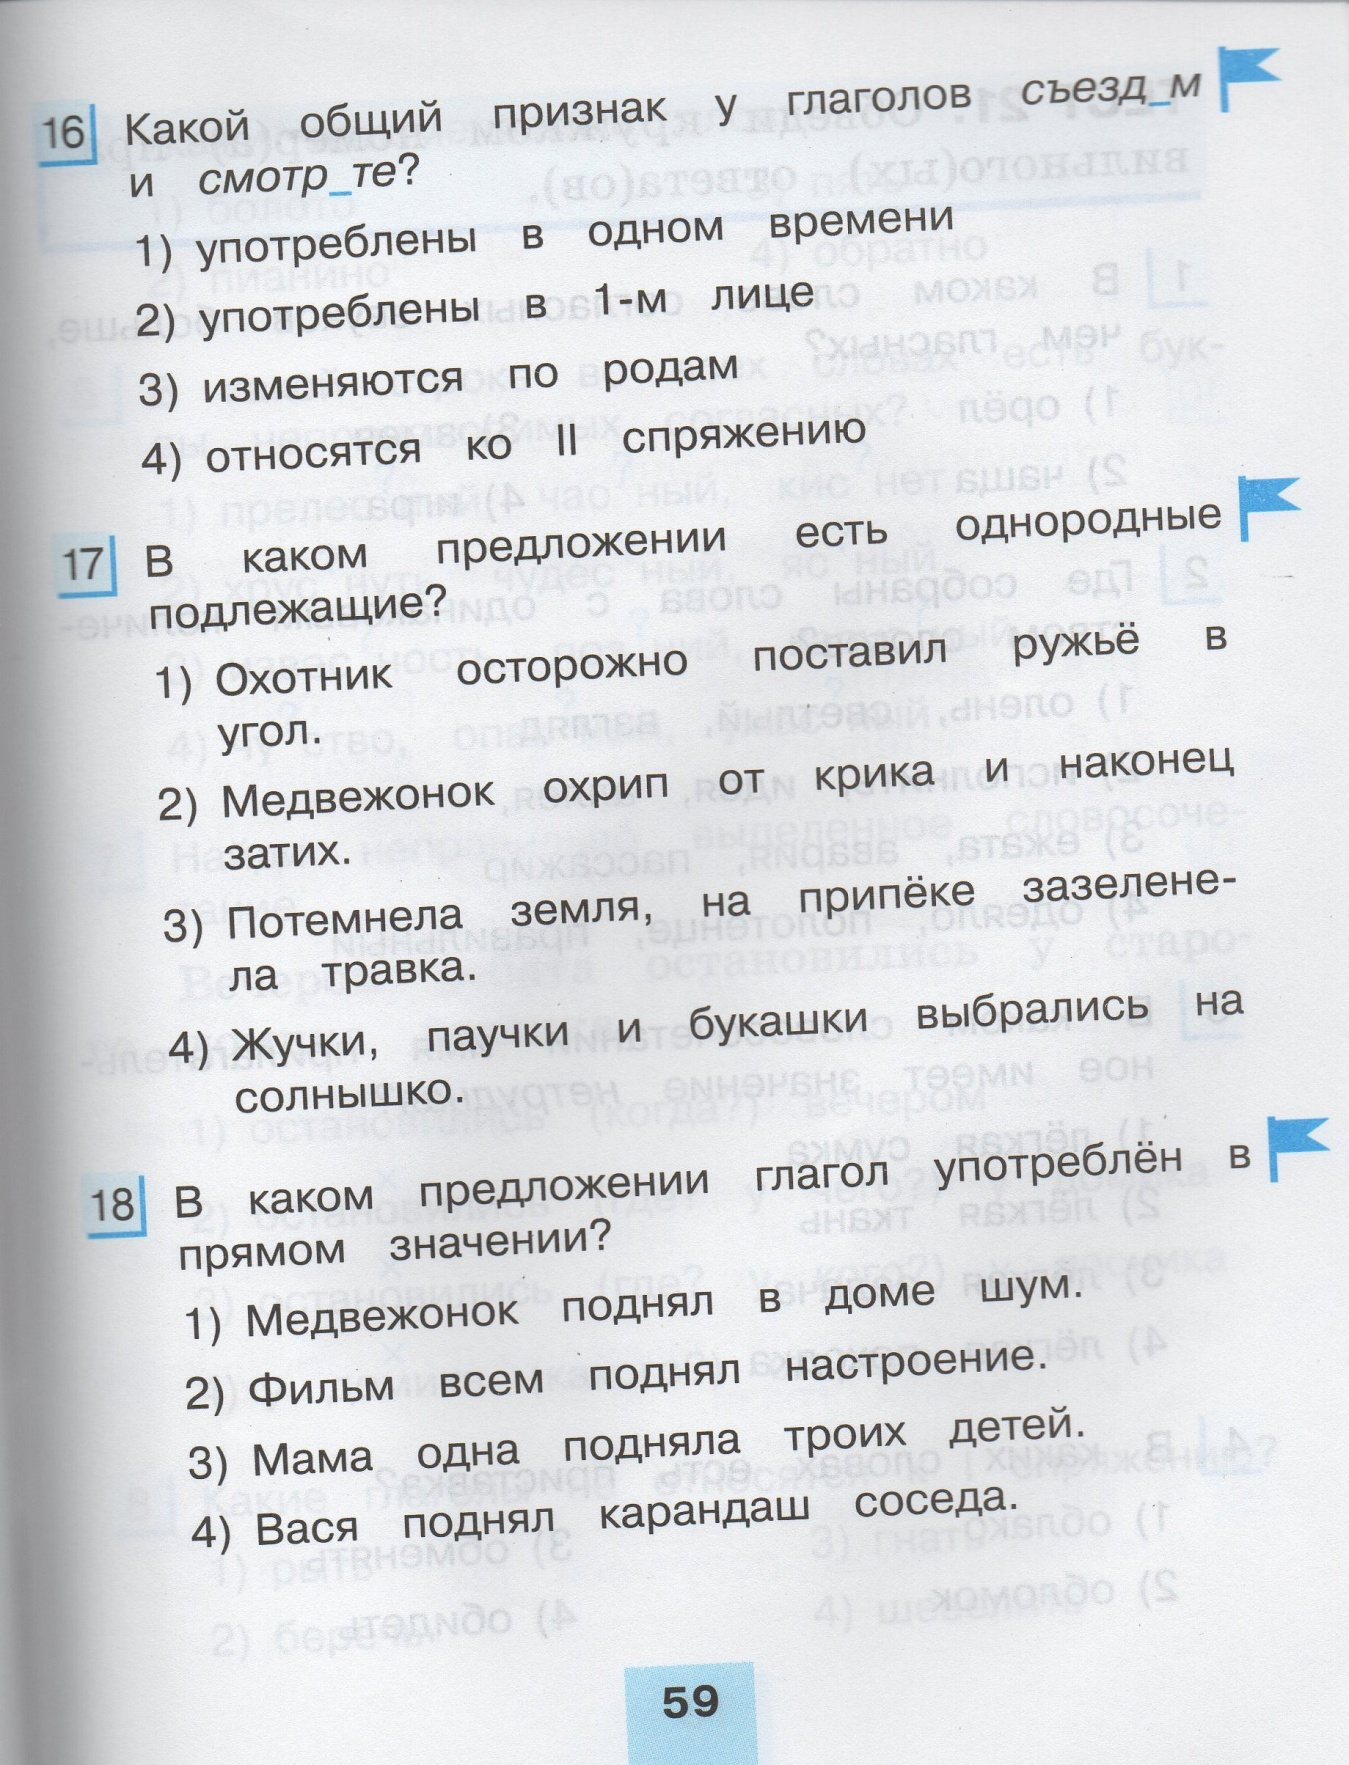 Пнш тест по русскому языку 2 четверть 4 класс